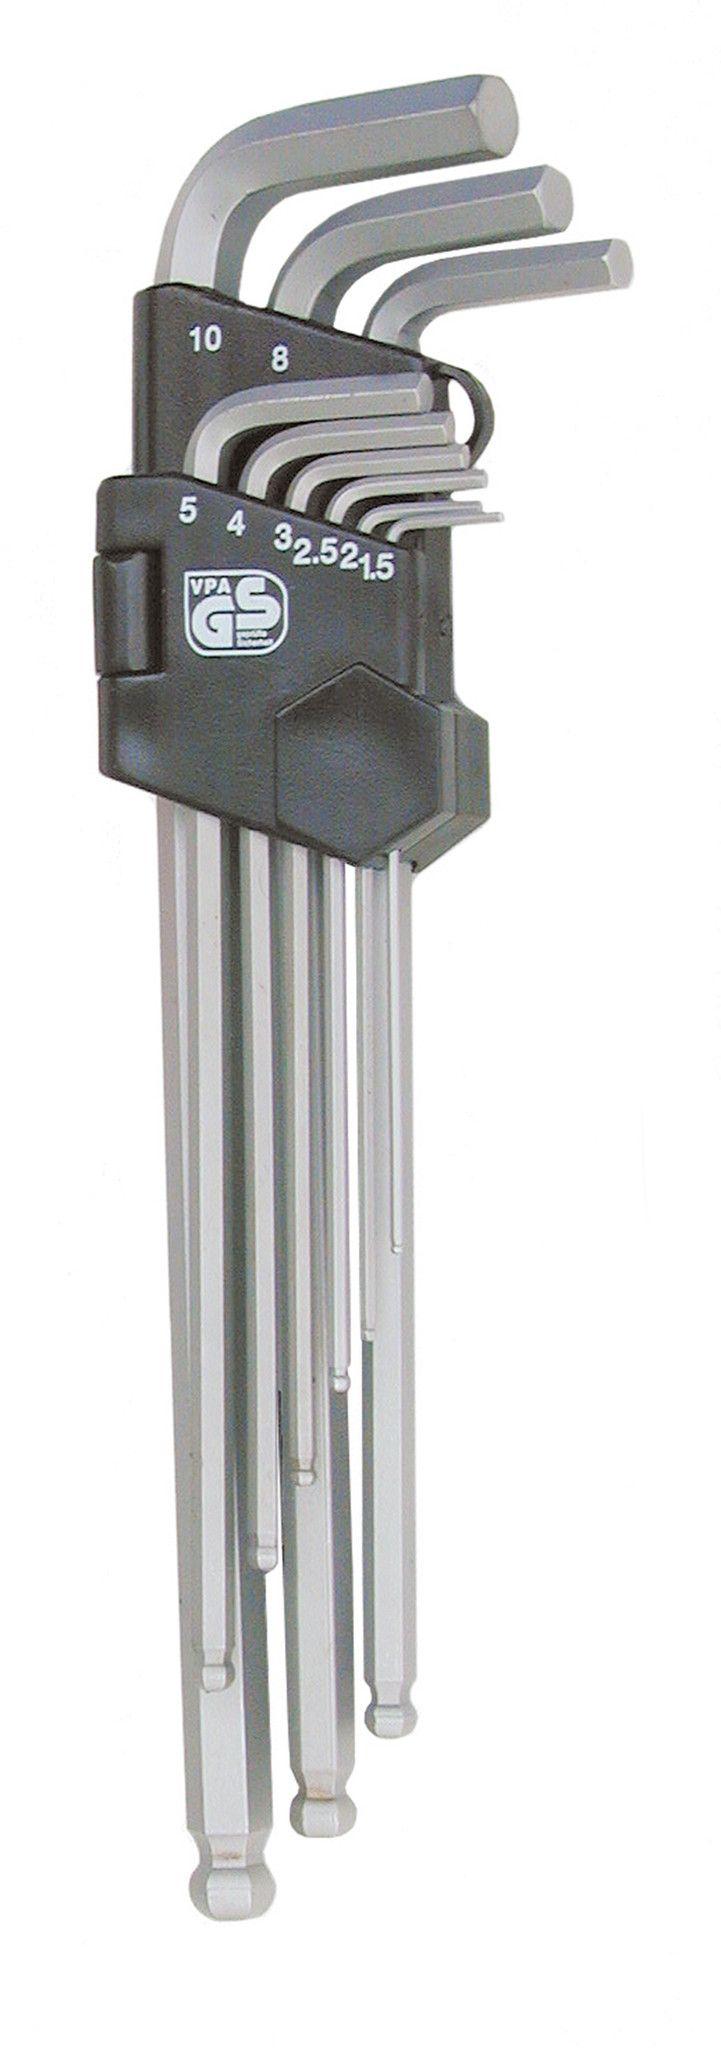 Serie 9 chiavi esagonali brugola tcce con estremità sferica